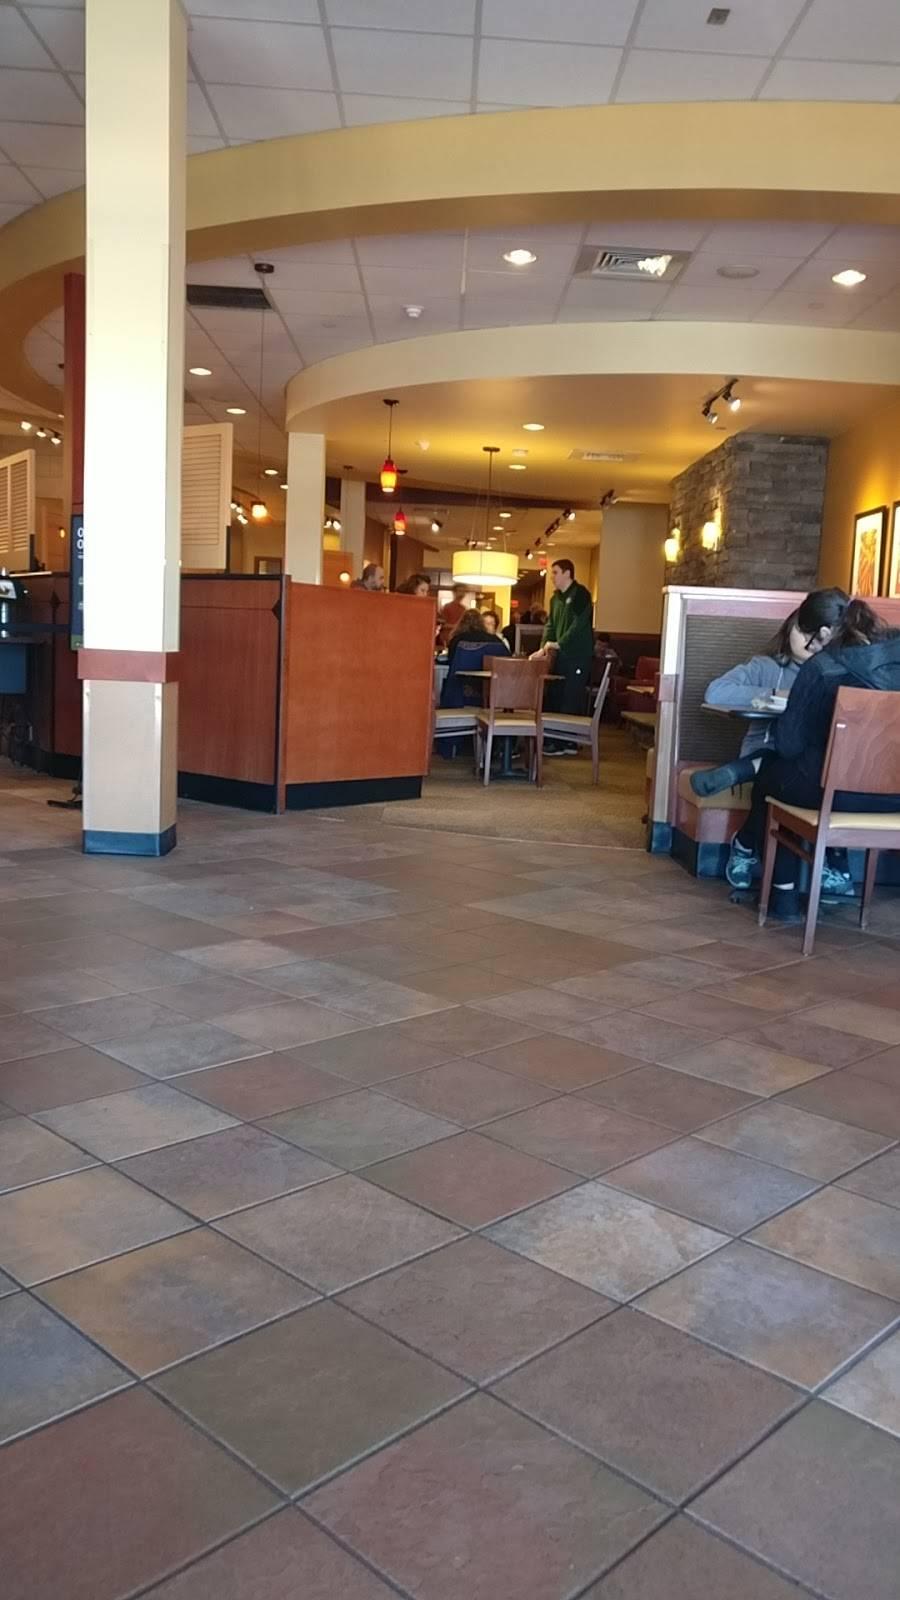 Panera Bread | cafe | 1025 W Montauk Hwy, West Babylon, NY 11704, USA | 6316610990 OR +1 631-661-0990